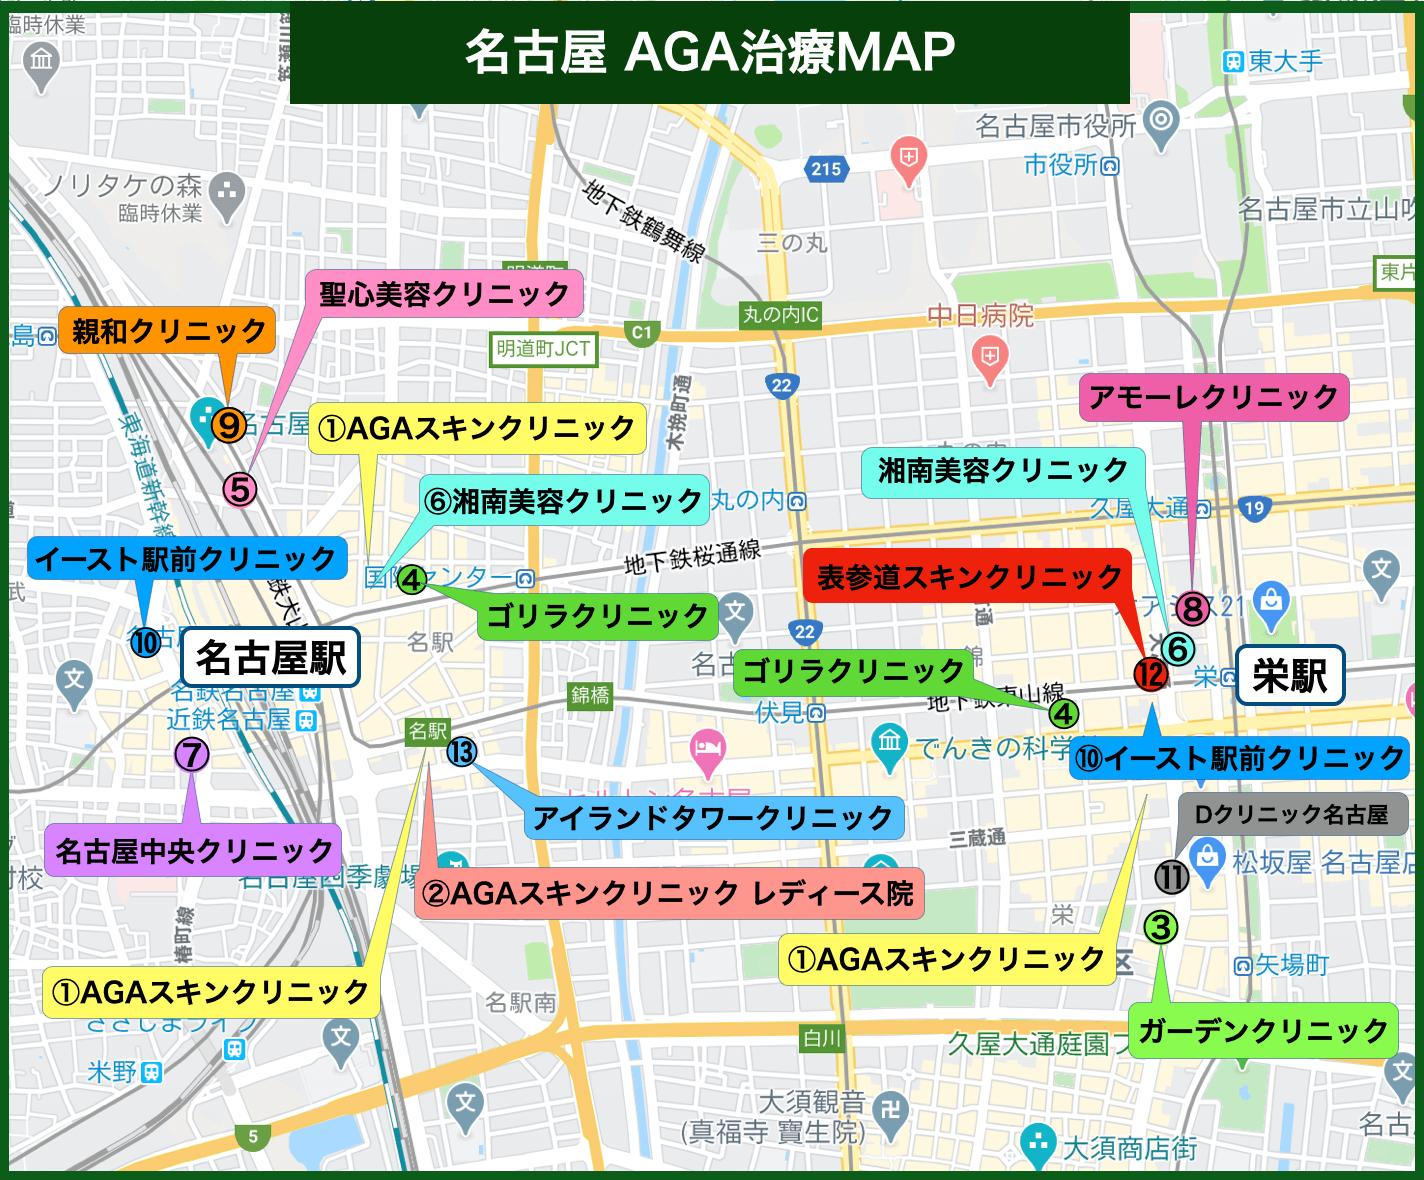 名古屋 AGA治療MAP(2021年版)